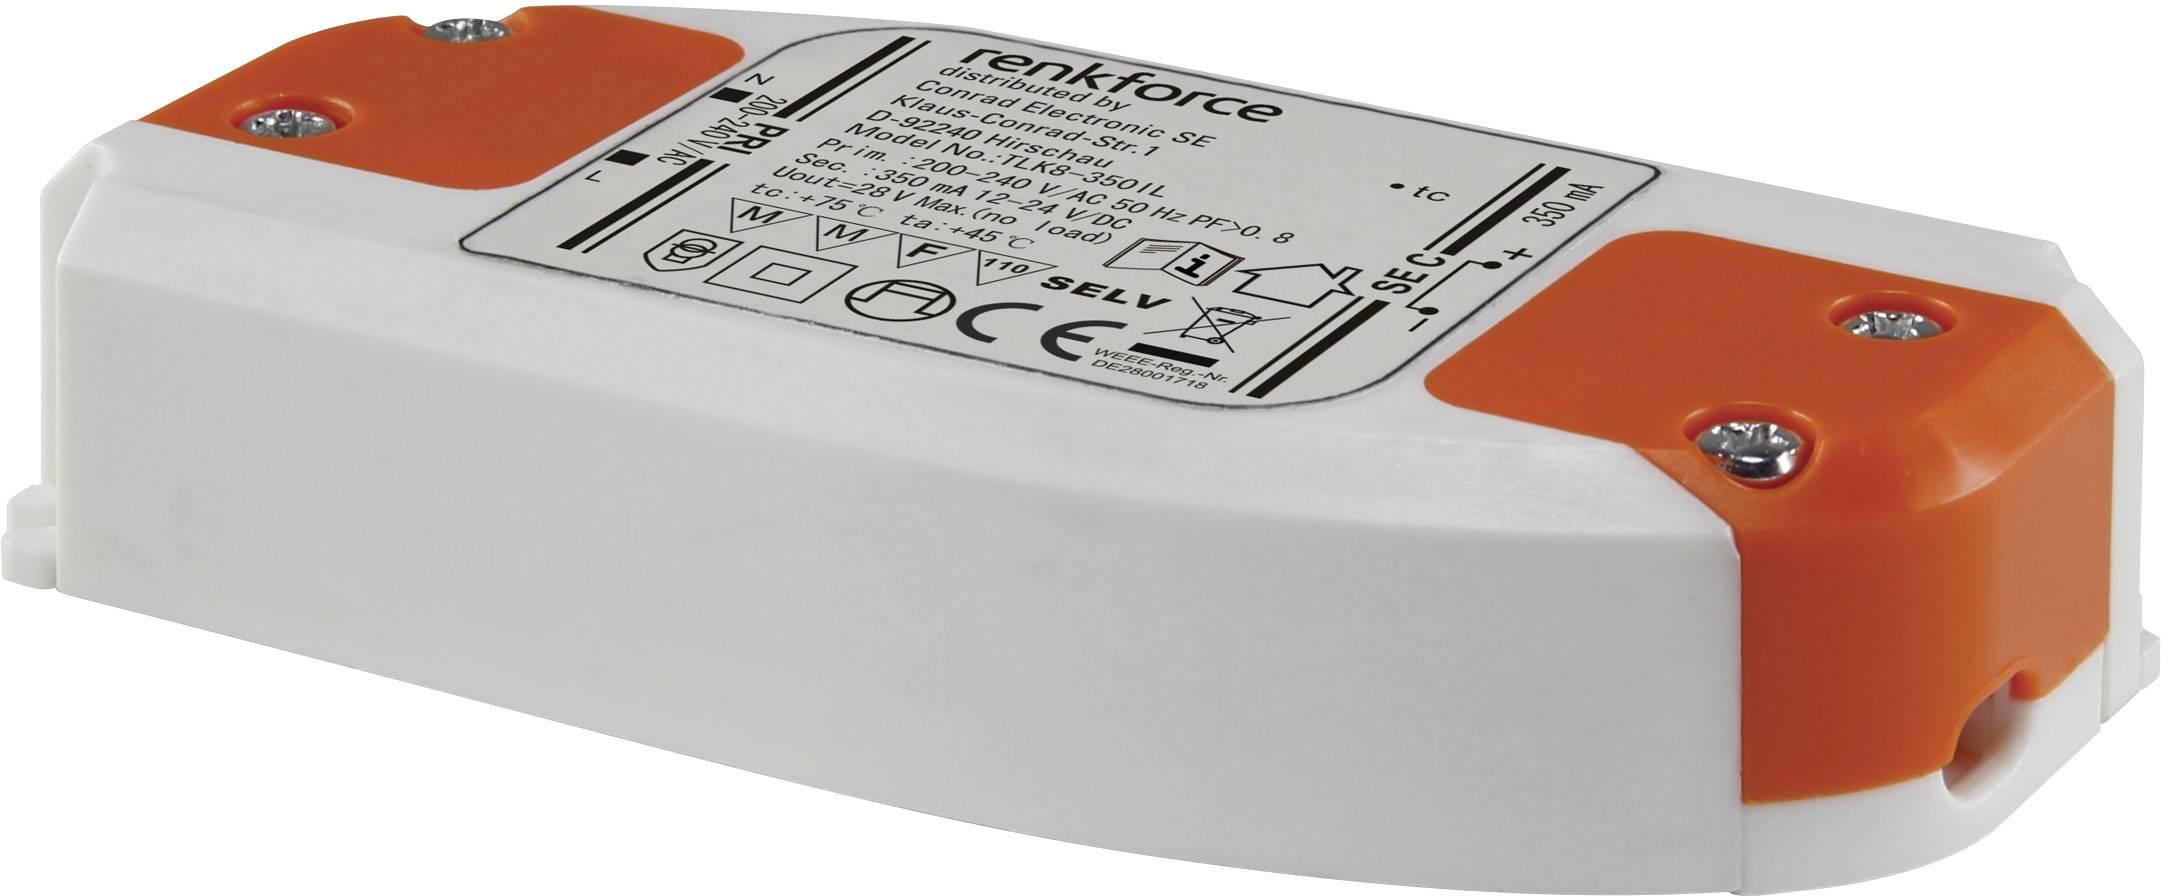 Napájací zdroj Renkforce pre LED, 0-8 W, 350 mA, 9283c51, biela/oranžová